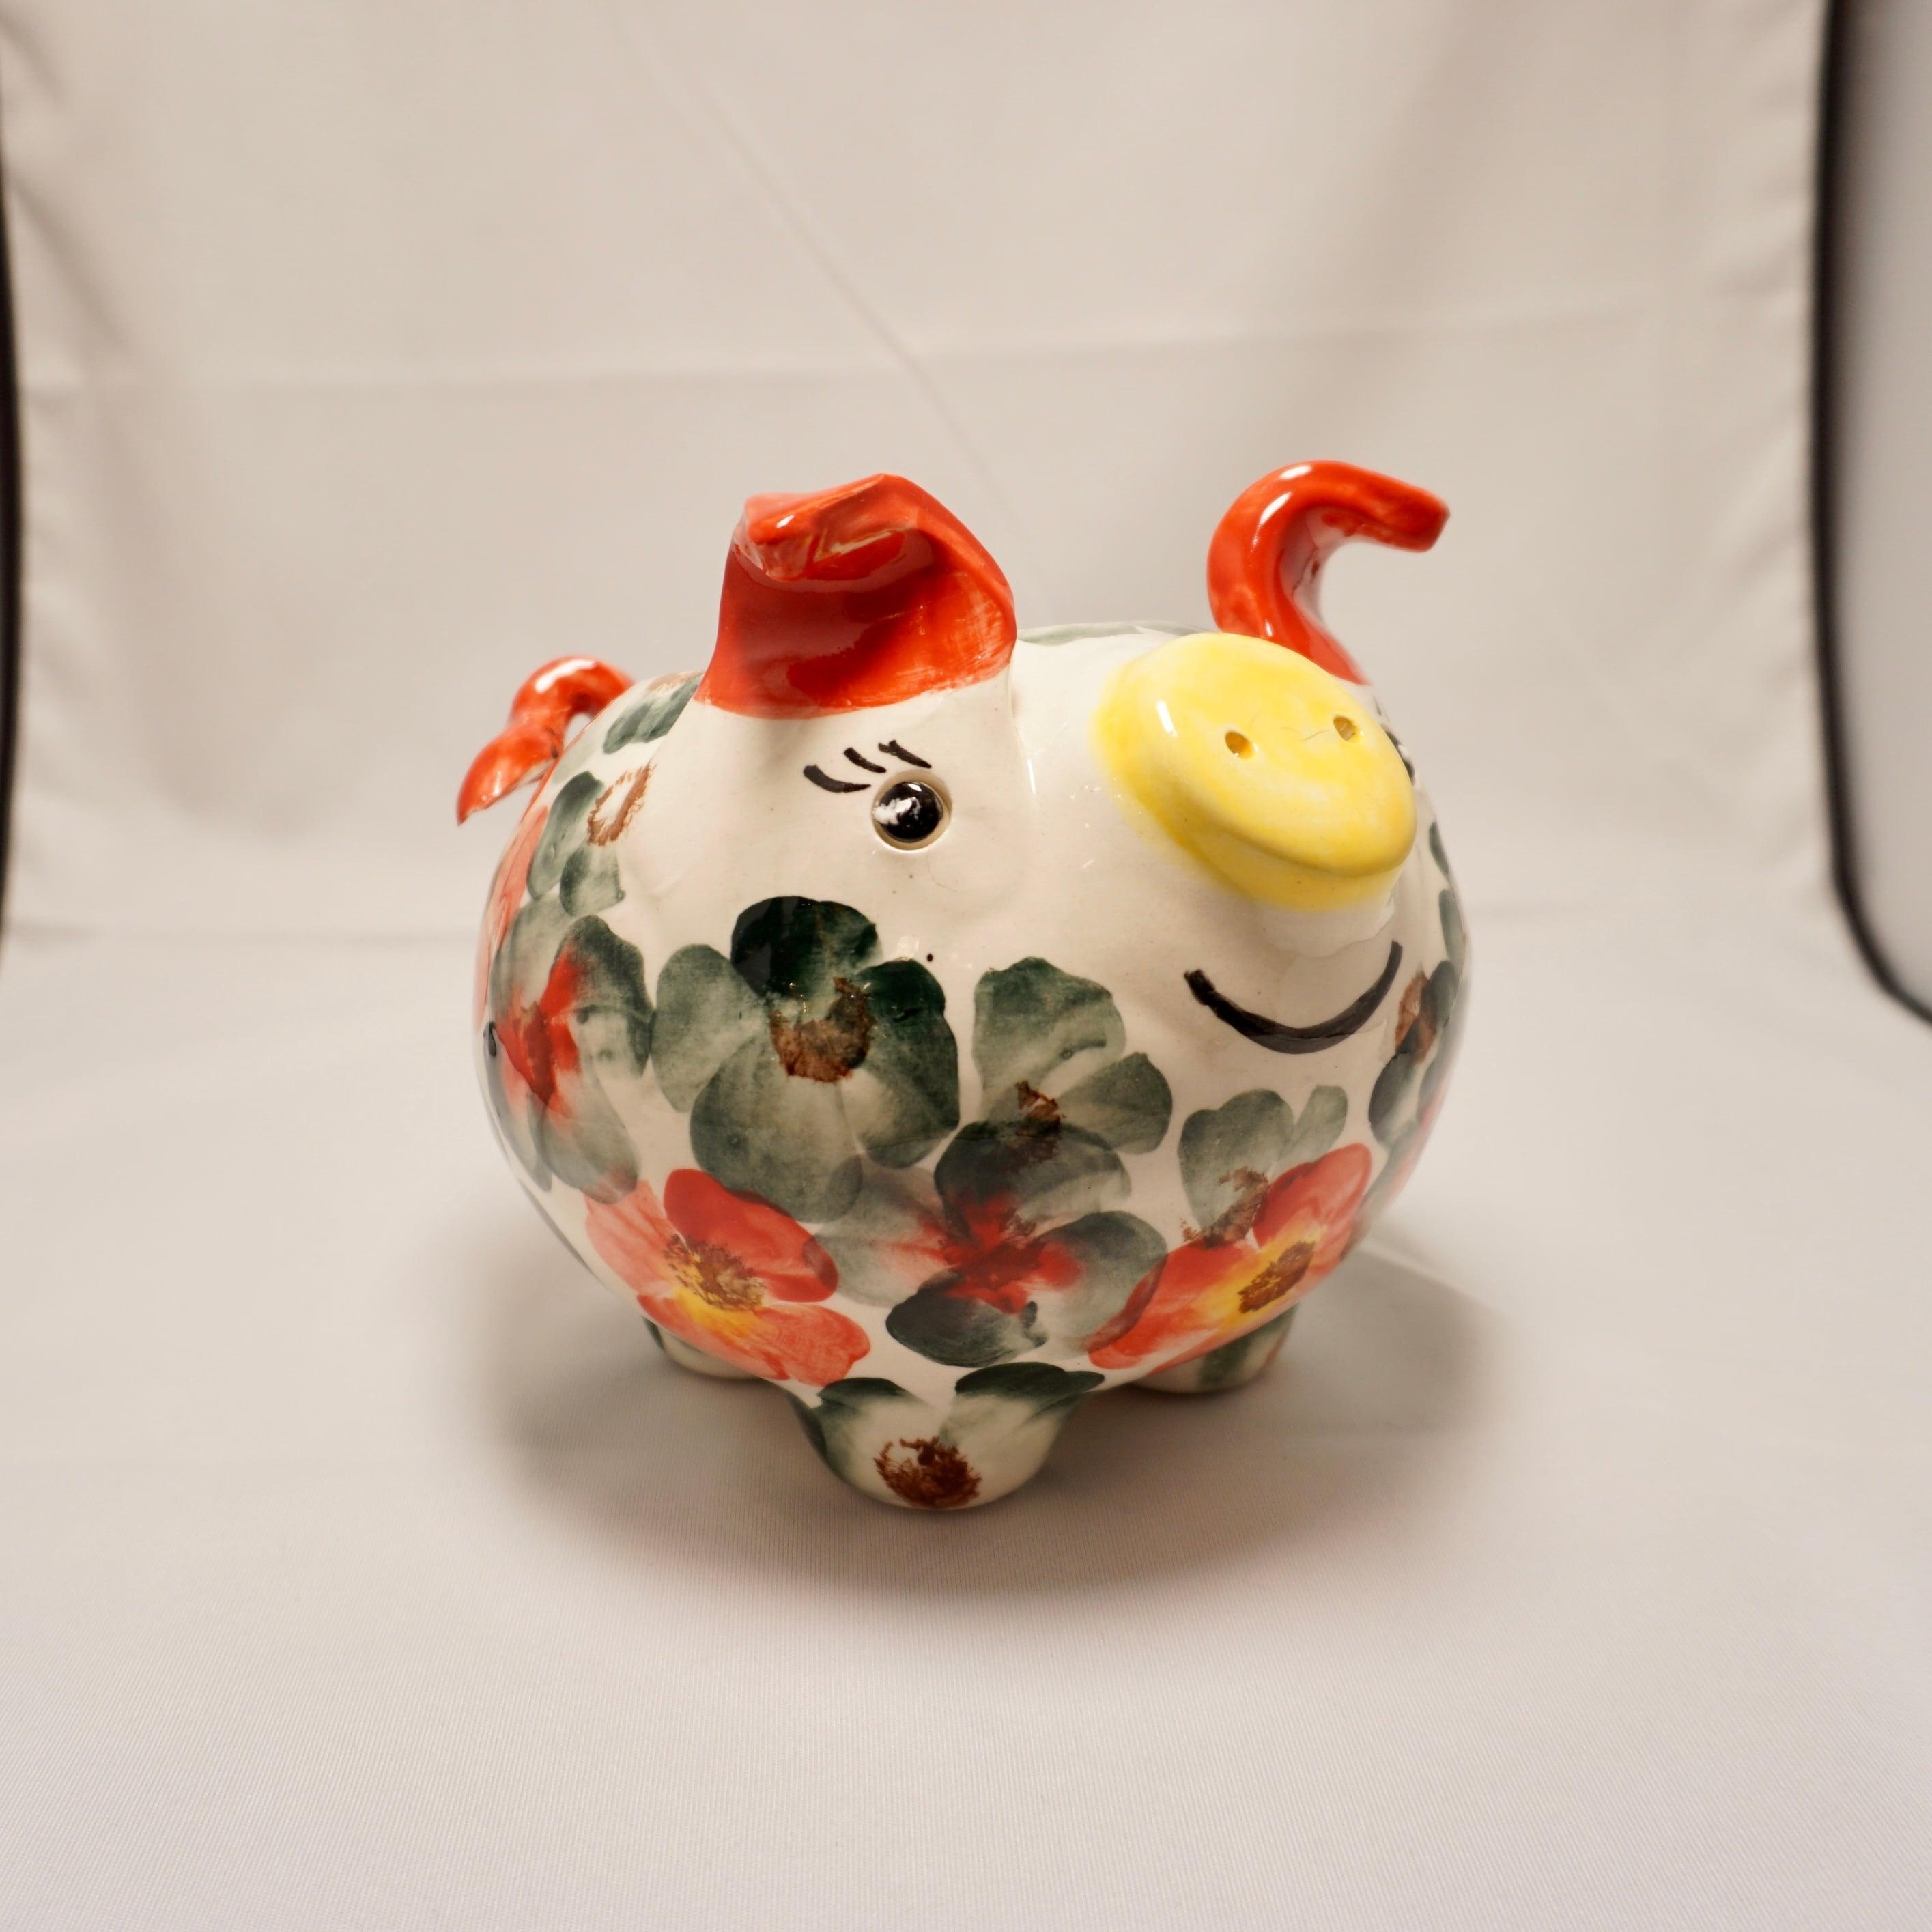 【スペイン陶器】ぶた型プランター